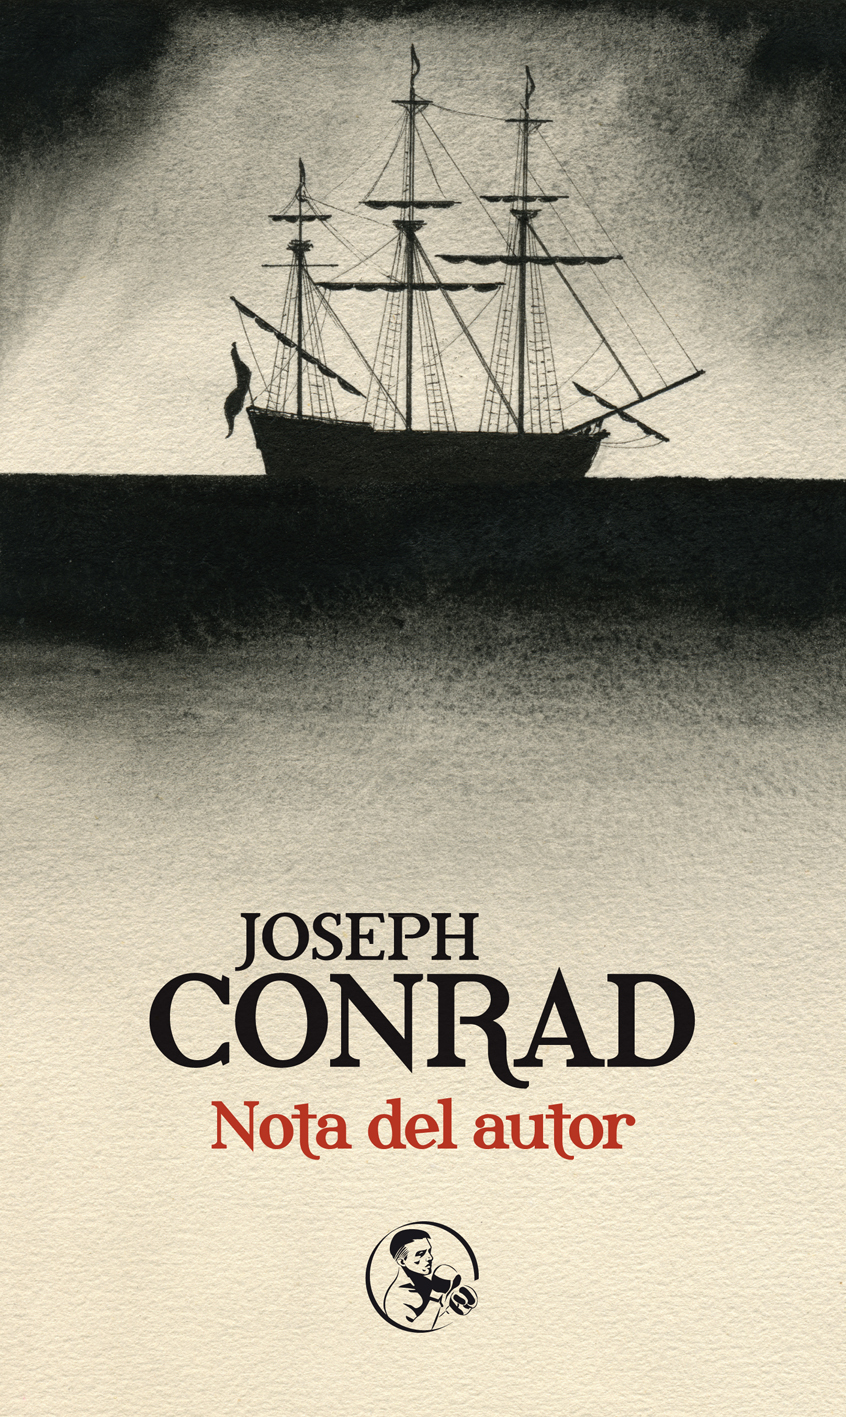 Joseph Conrad_Nota del autor